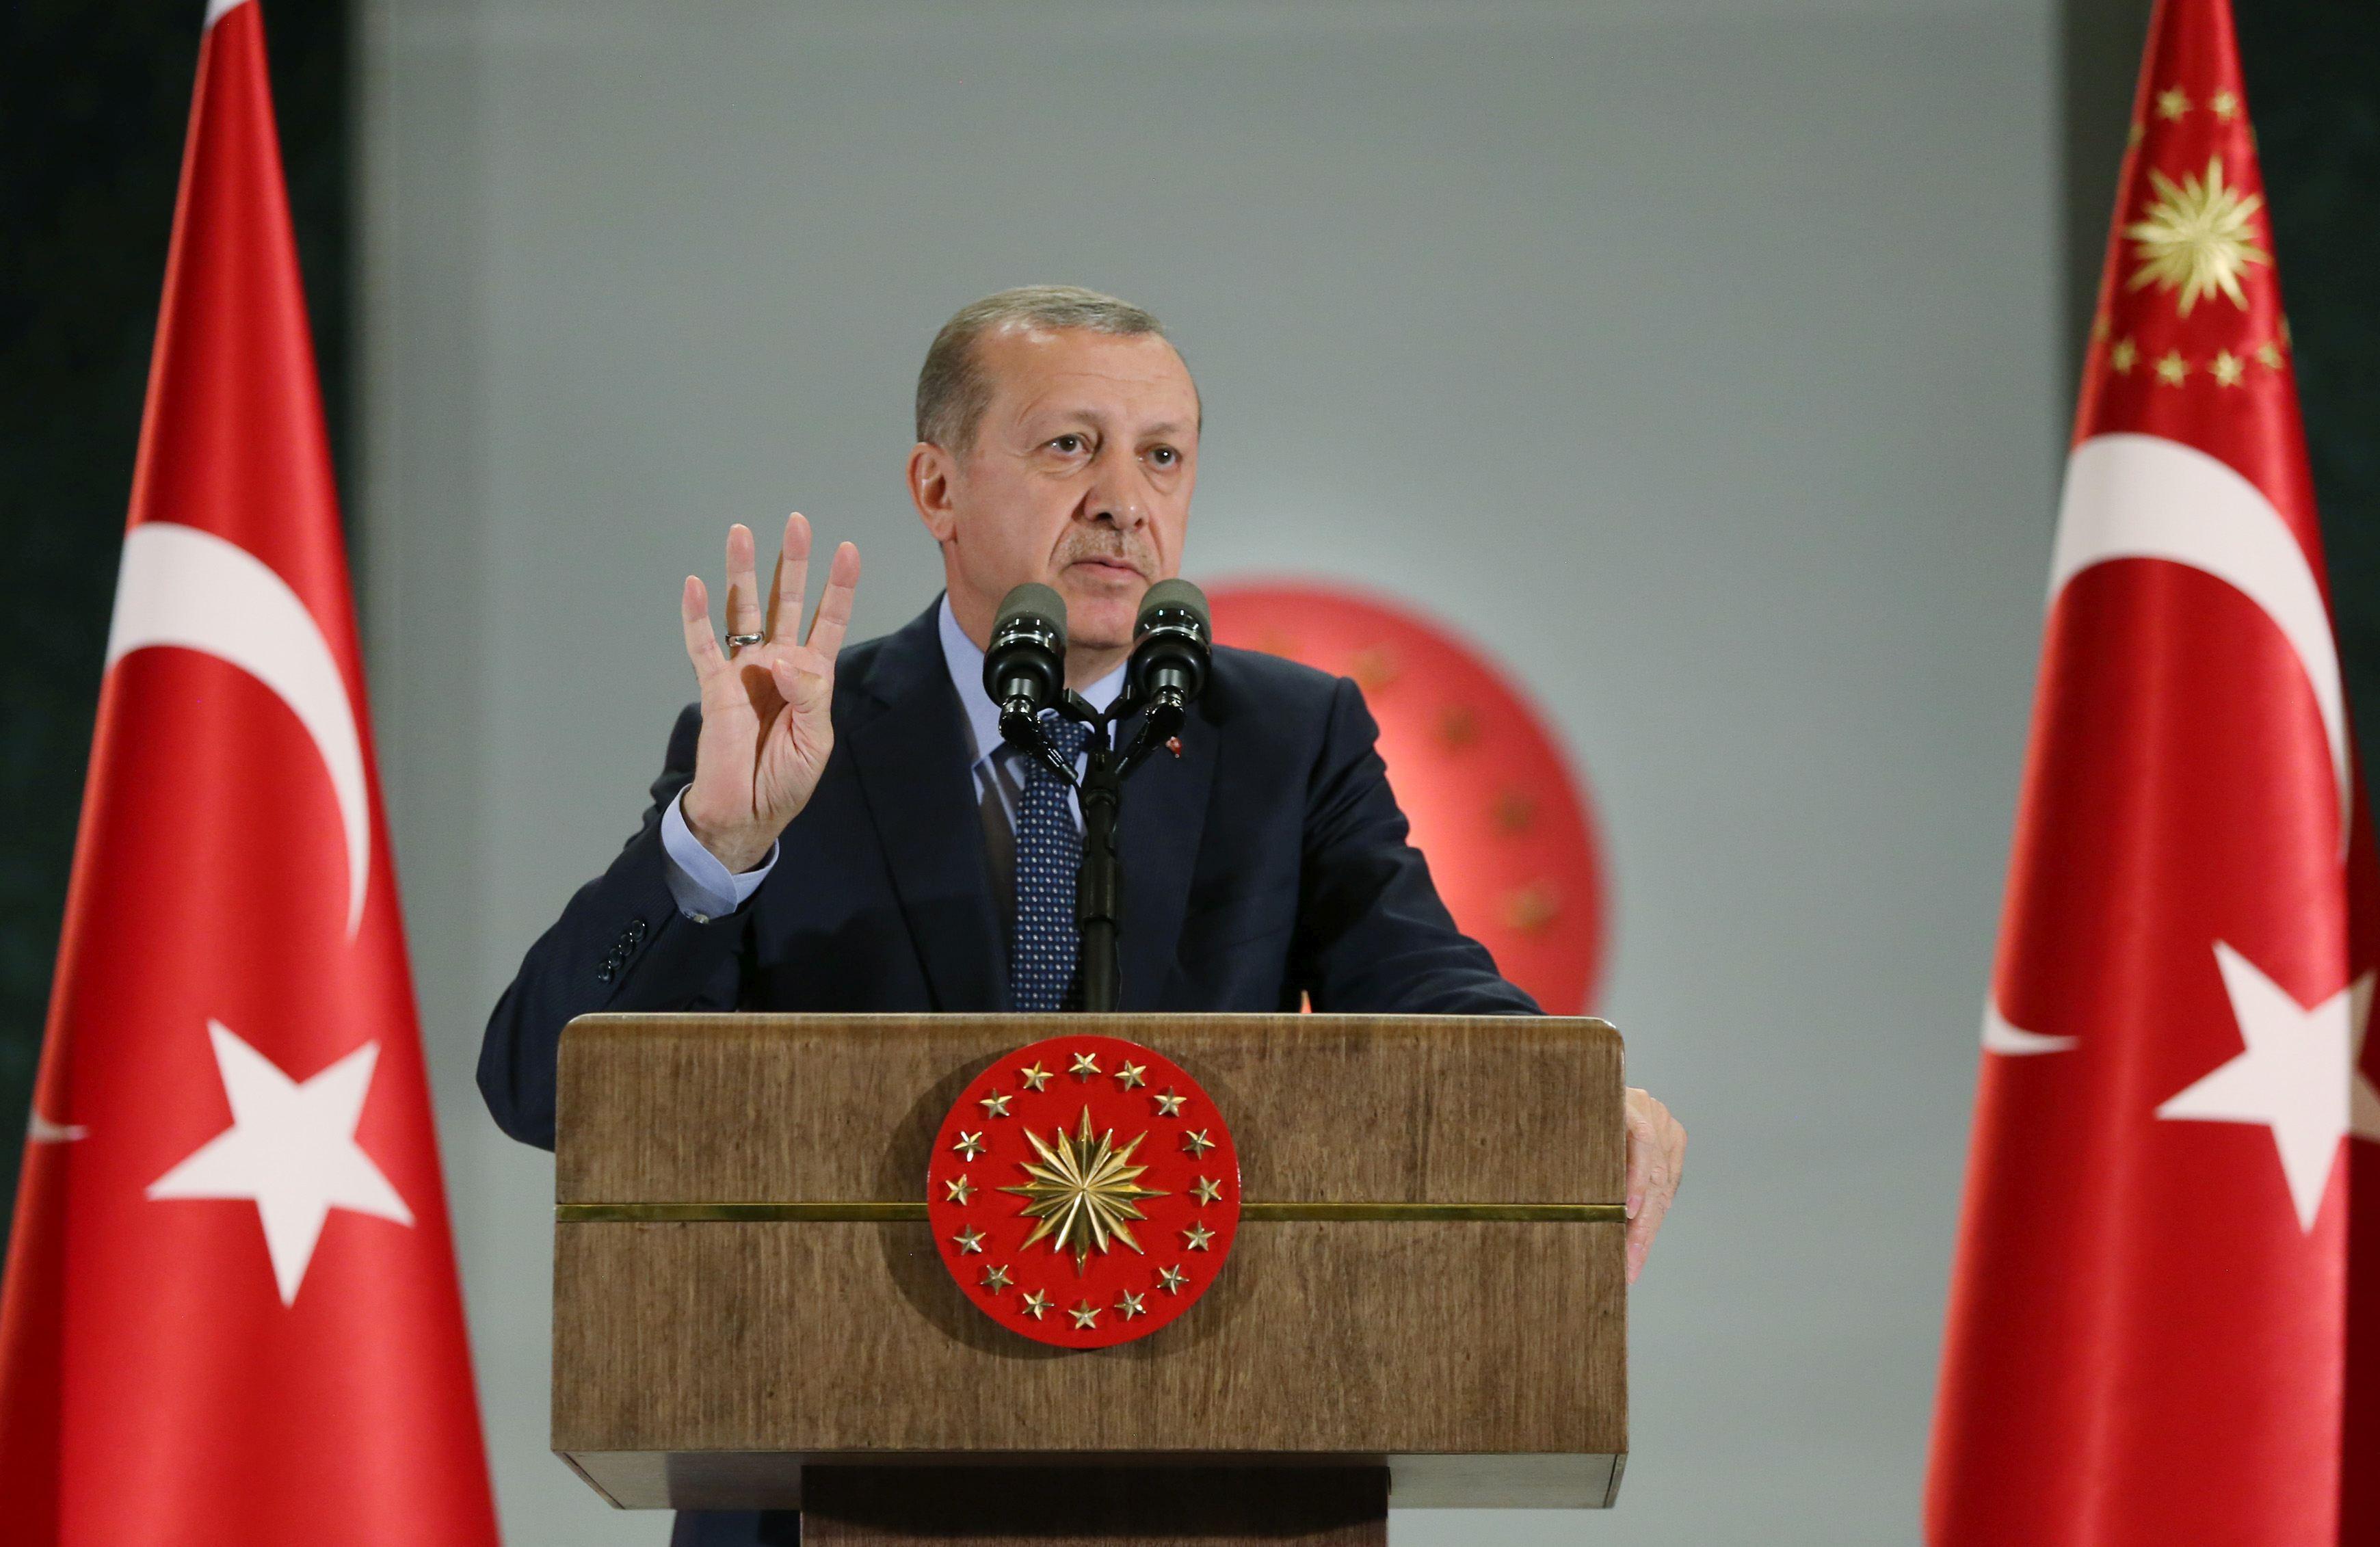 Turcia consideră `ridicole` acuzaţiile că ar fi oferit bani în schimbul extrădării lui Fethullah Gulen